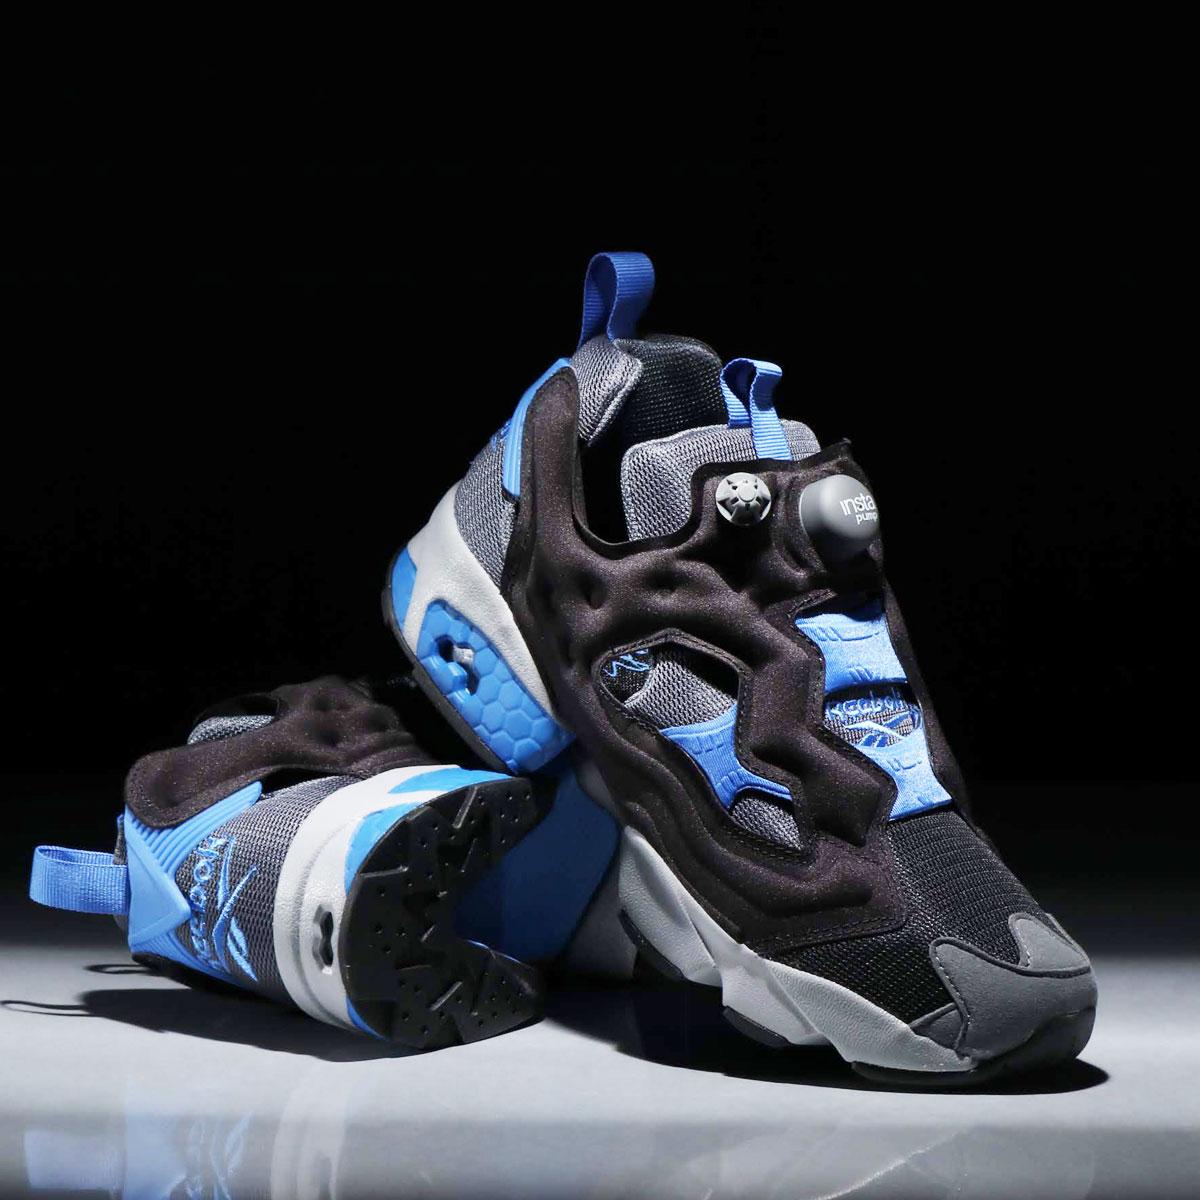 Reebok INSTAPUMP FURY OG NM(リーボック インスタポンプフューリー OG NM)BLACK/COLD GRAY/BLUE BLAST【メンズ レディース スニーカー】19SS-S